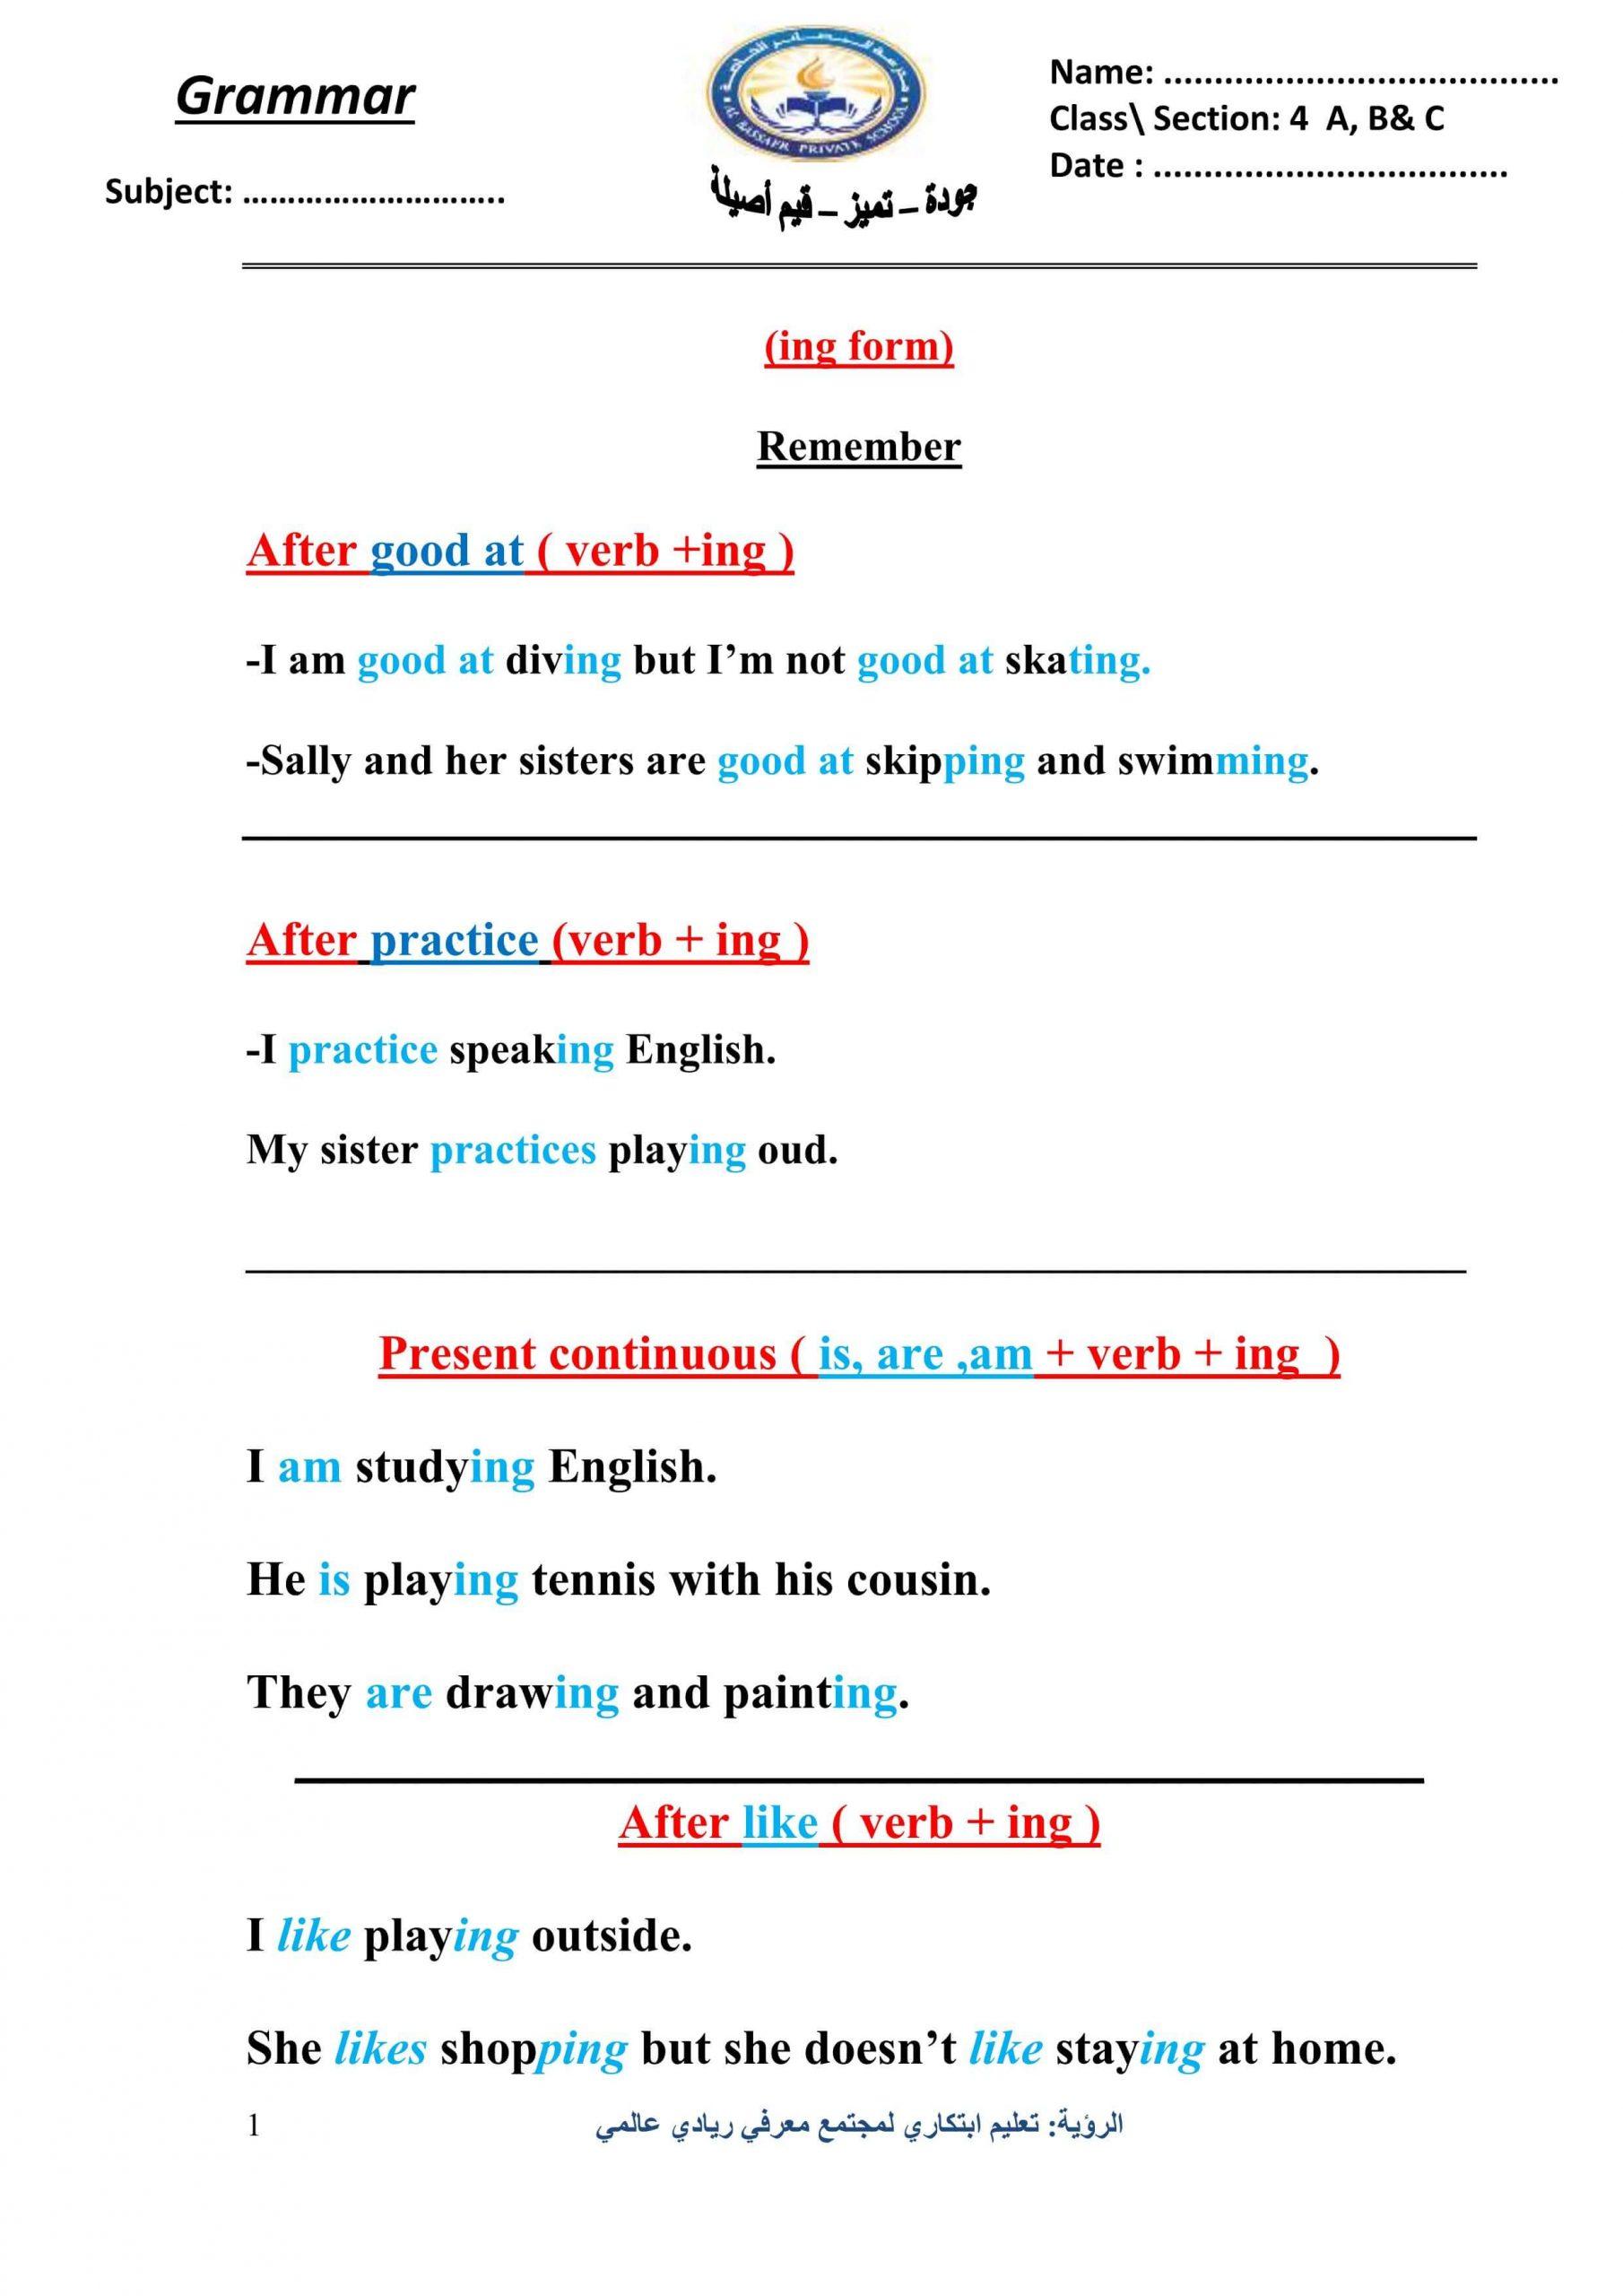 شرح دروس قواعد Grammar الصف الرابع مادة اللغة الانجليزية